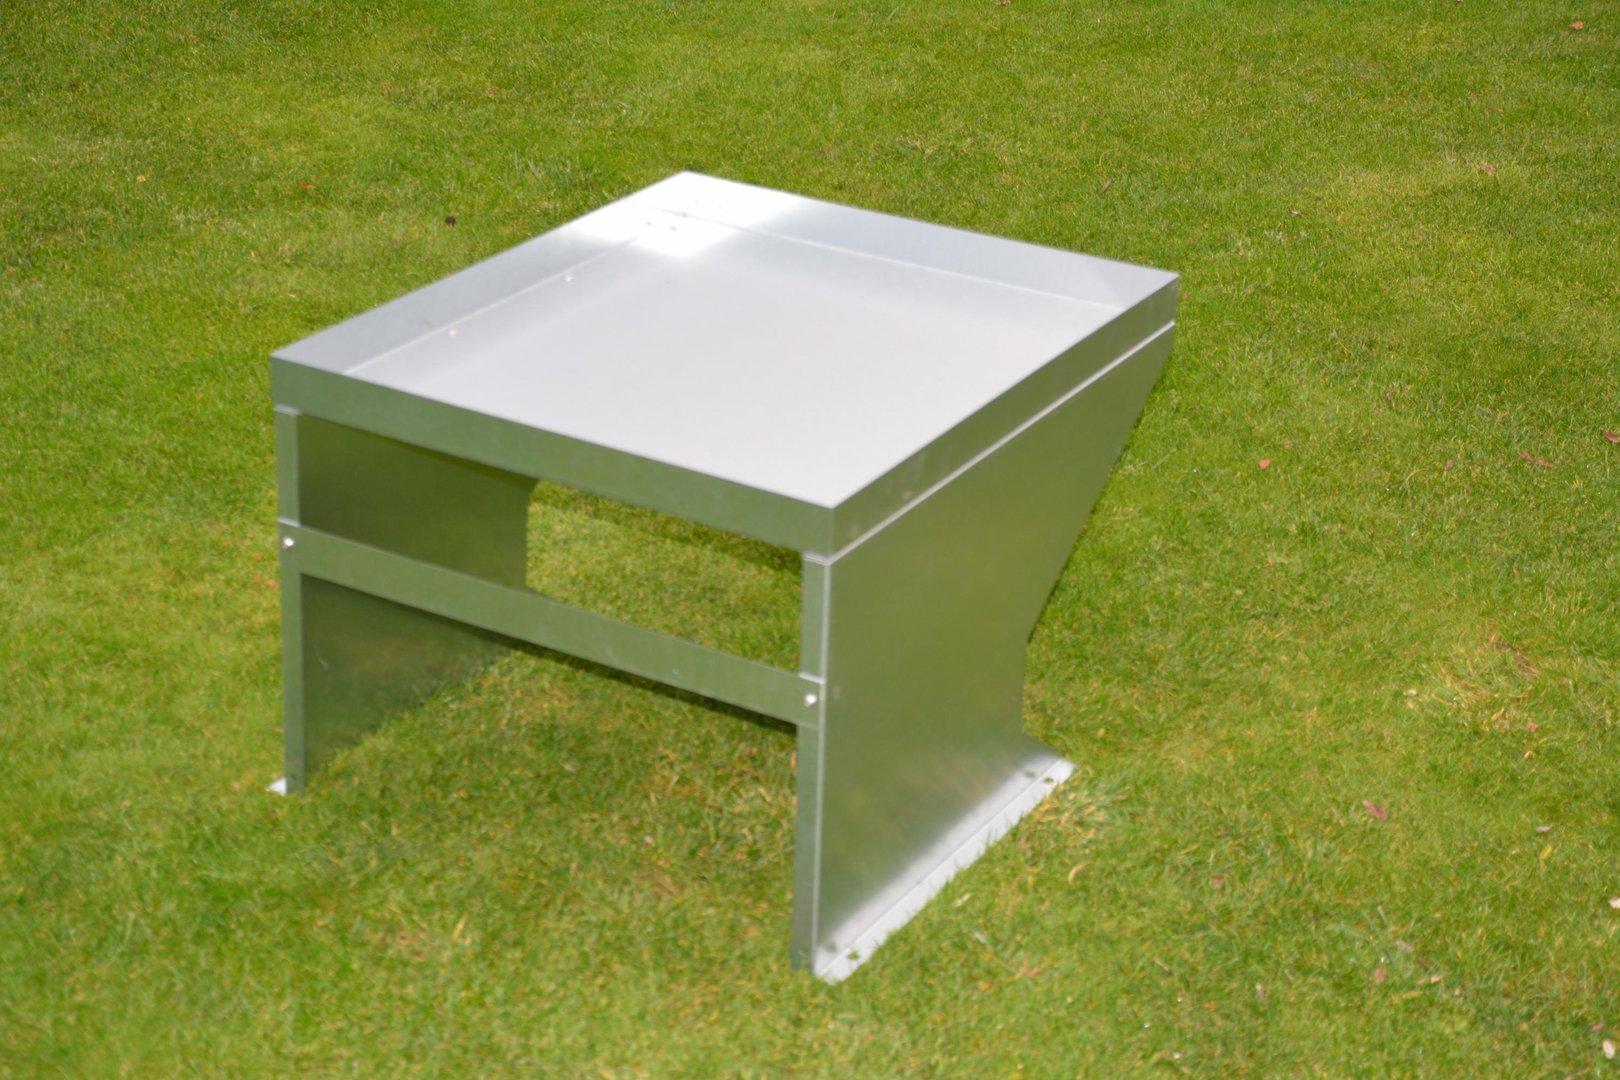 verbindungsblech f r m hroboter garage verzinkt aus metall. Black Bedroom Furniture Sets. Home Design Ideas